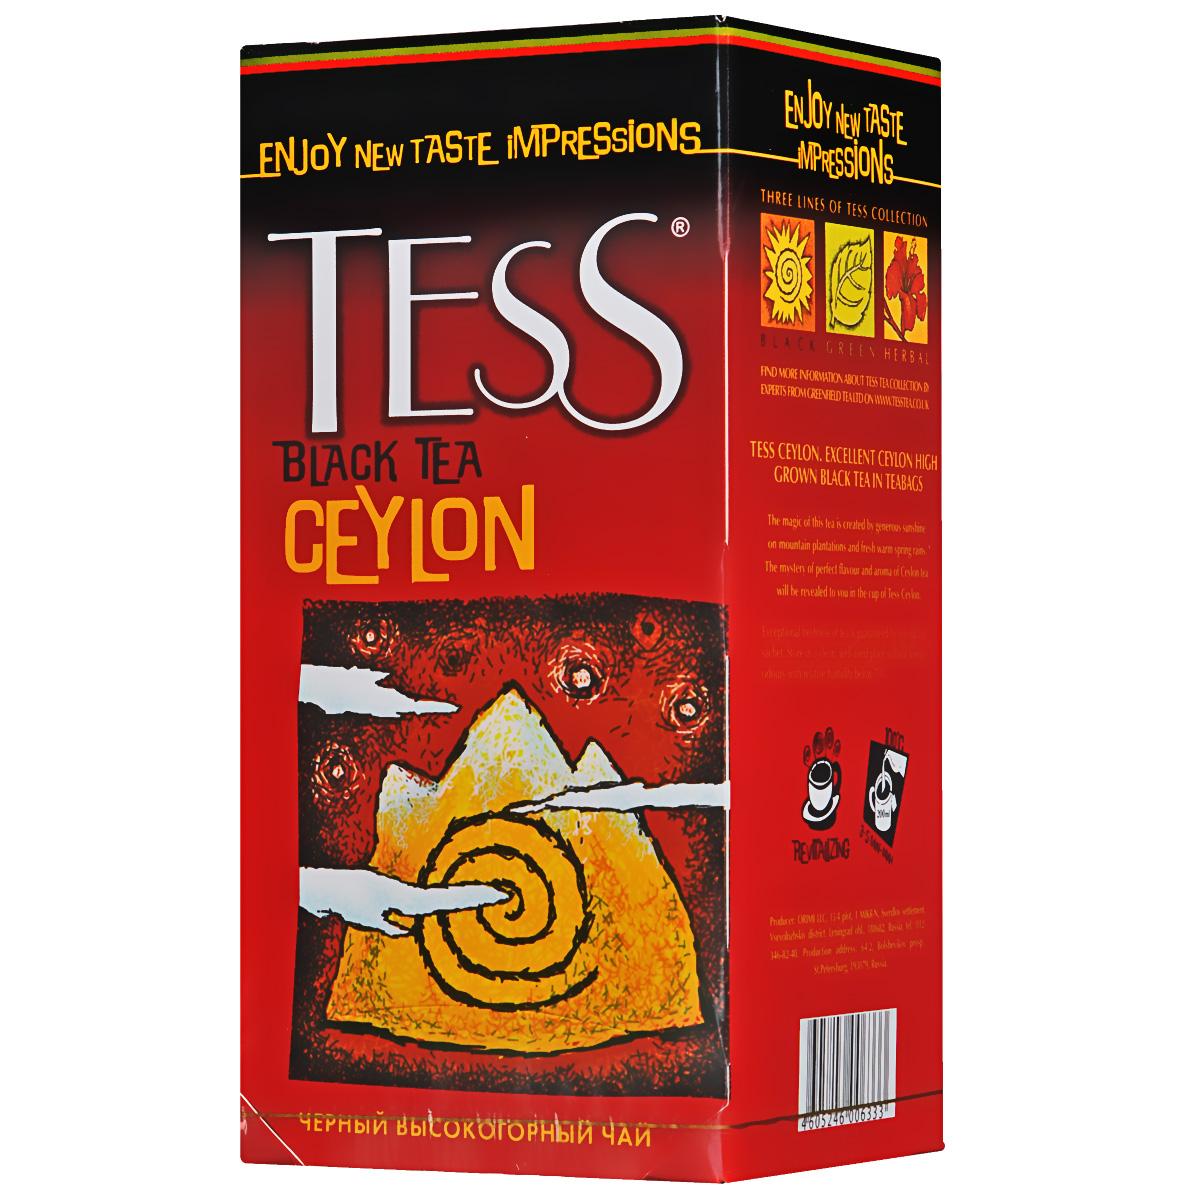 Tess Ceylon черный чай в пакетиках, 25 шт0633-10Черный цейлонский чай в пакетиках Tess Ceylon, выращенный на высокогорных плантациях, отличается насыщенным, ярким вкусом и тонким природным ароматом, свойственным высокогорным чаям. Отличительная особенность высокогорных чаев в том, что они обладают более светлым настоем, чем собранные на равнине, хотя по крепости порой даже превосходят их.